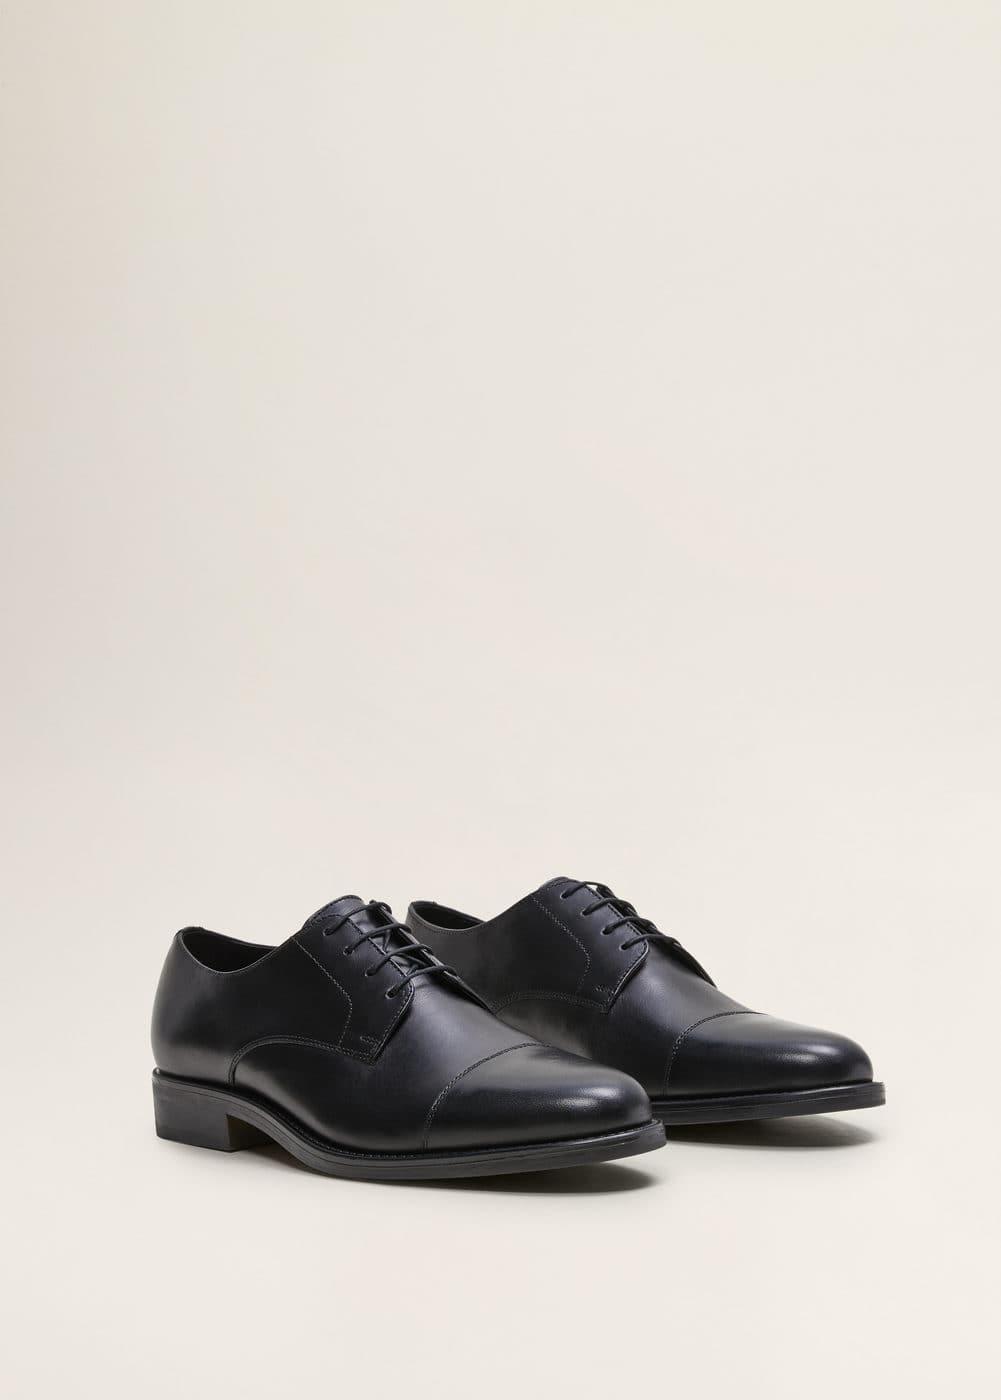 h-madrid:zapato blucher piel